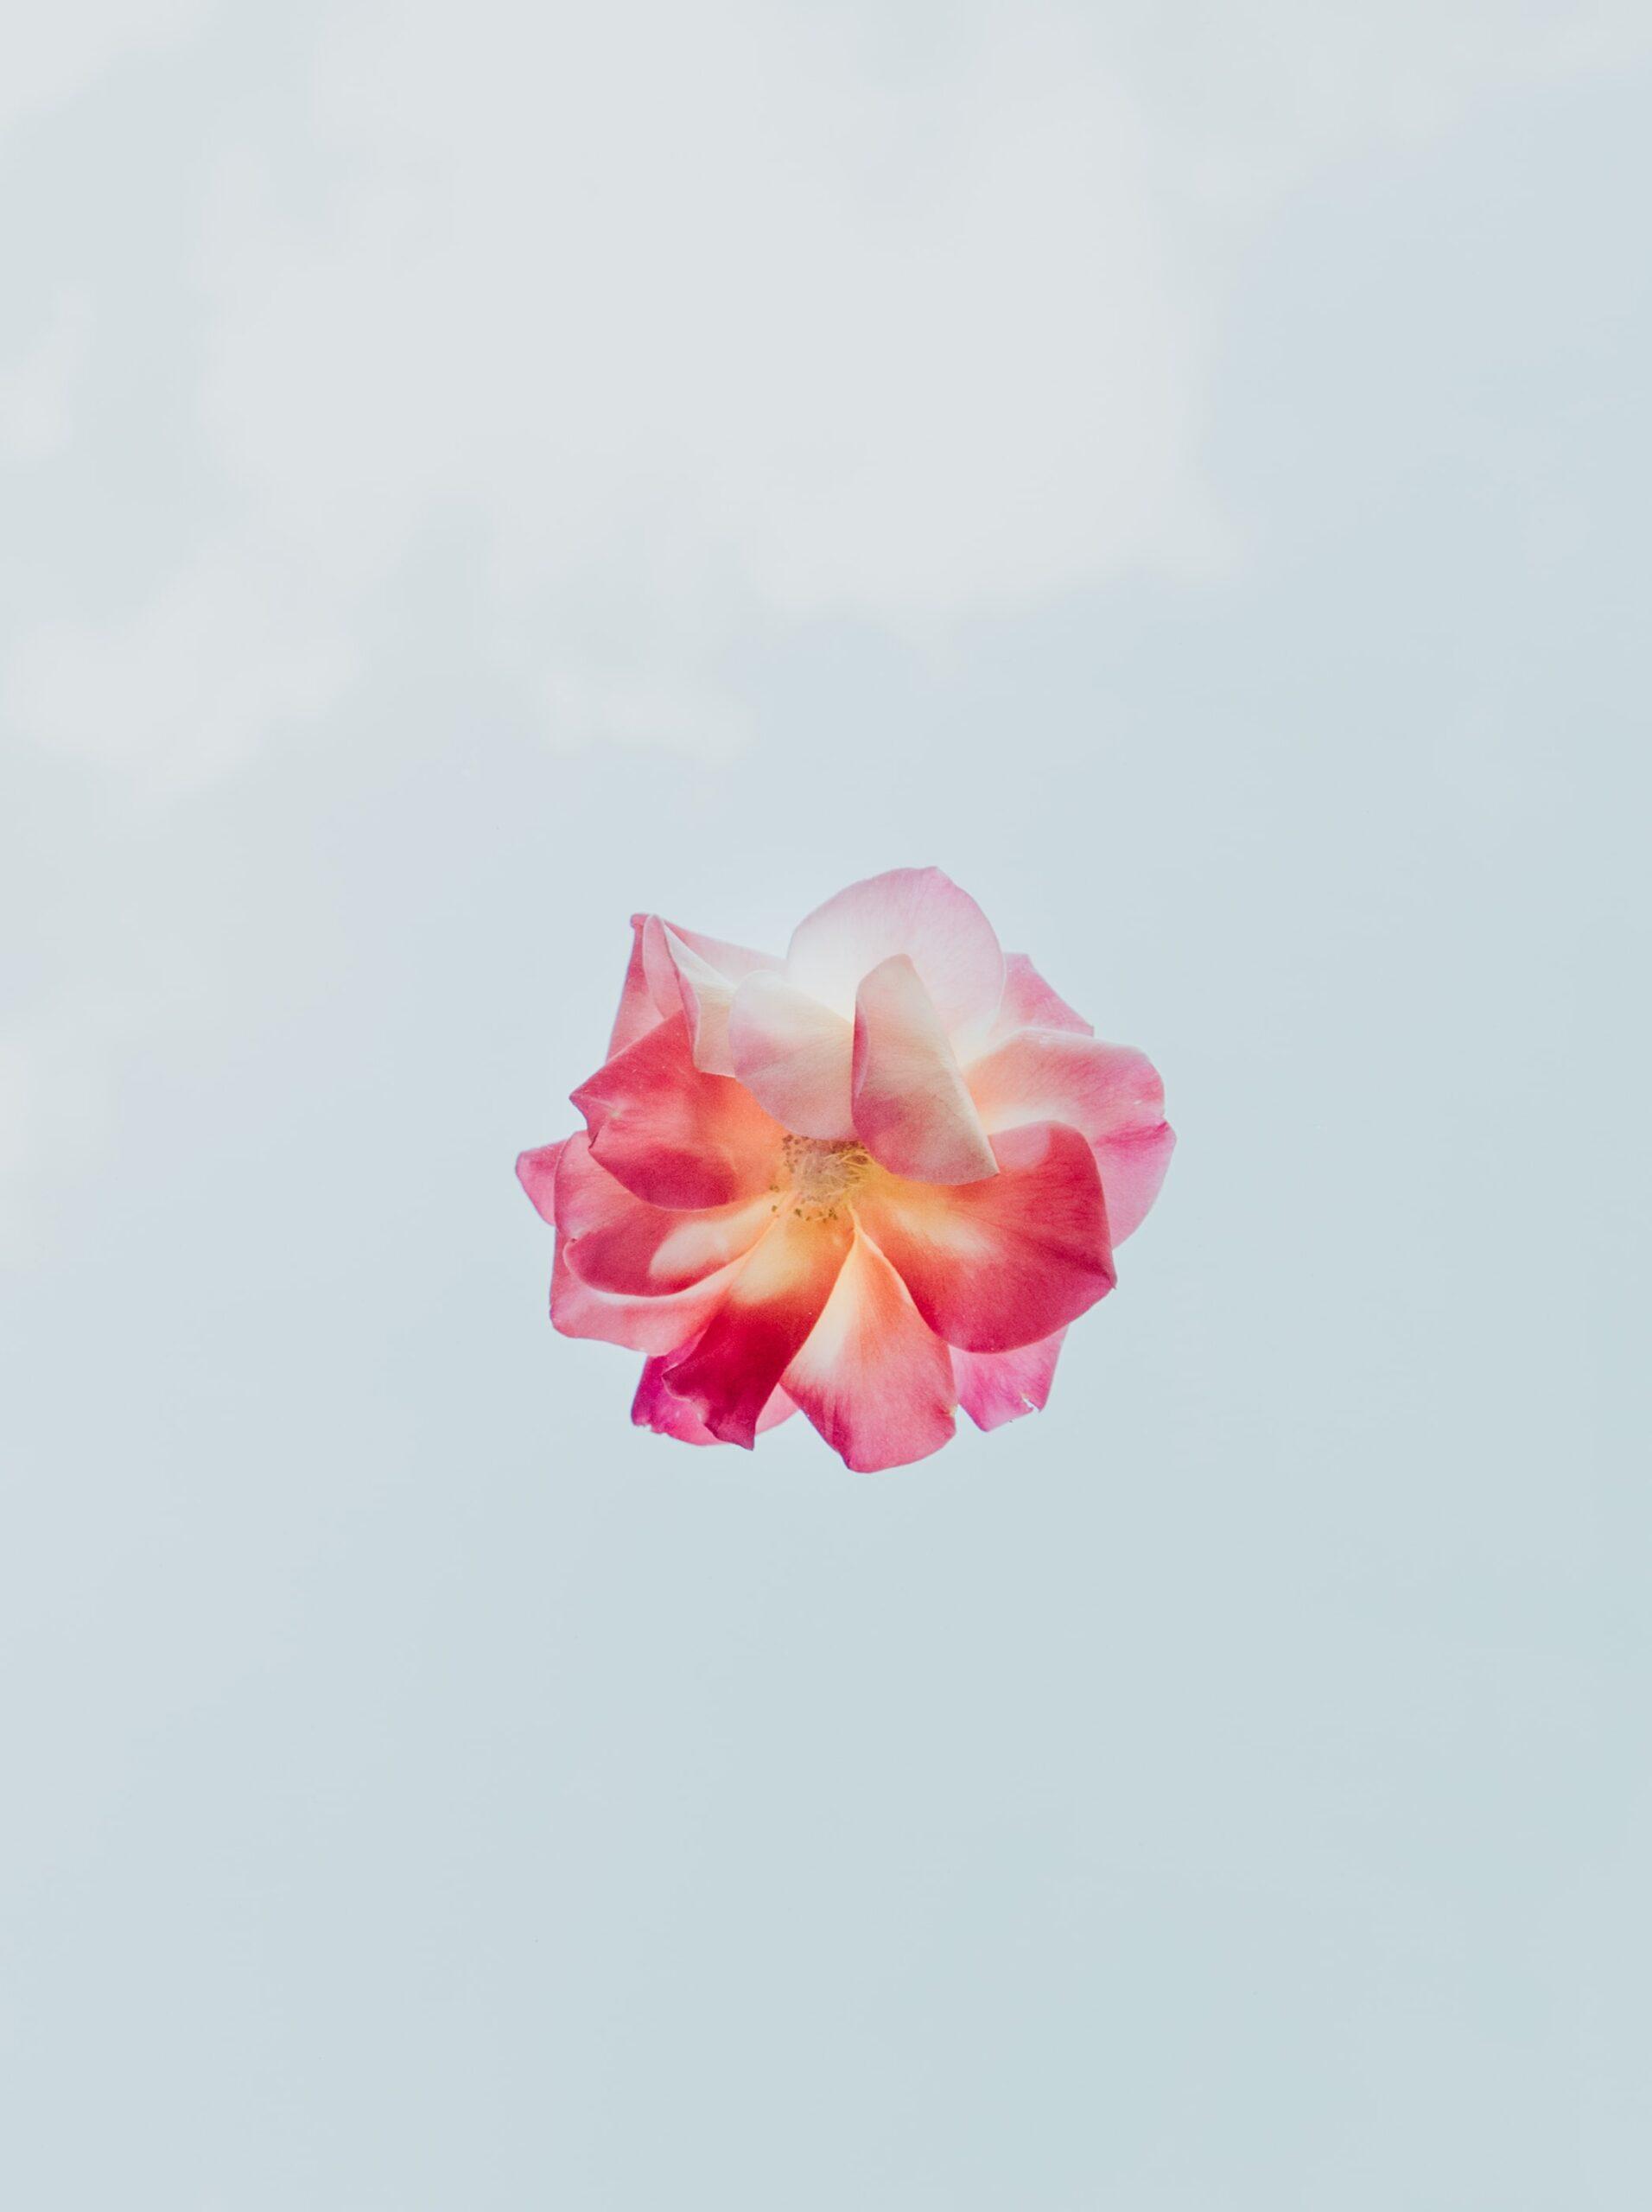 De mooiste bloem